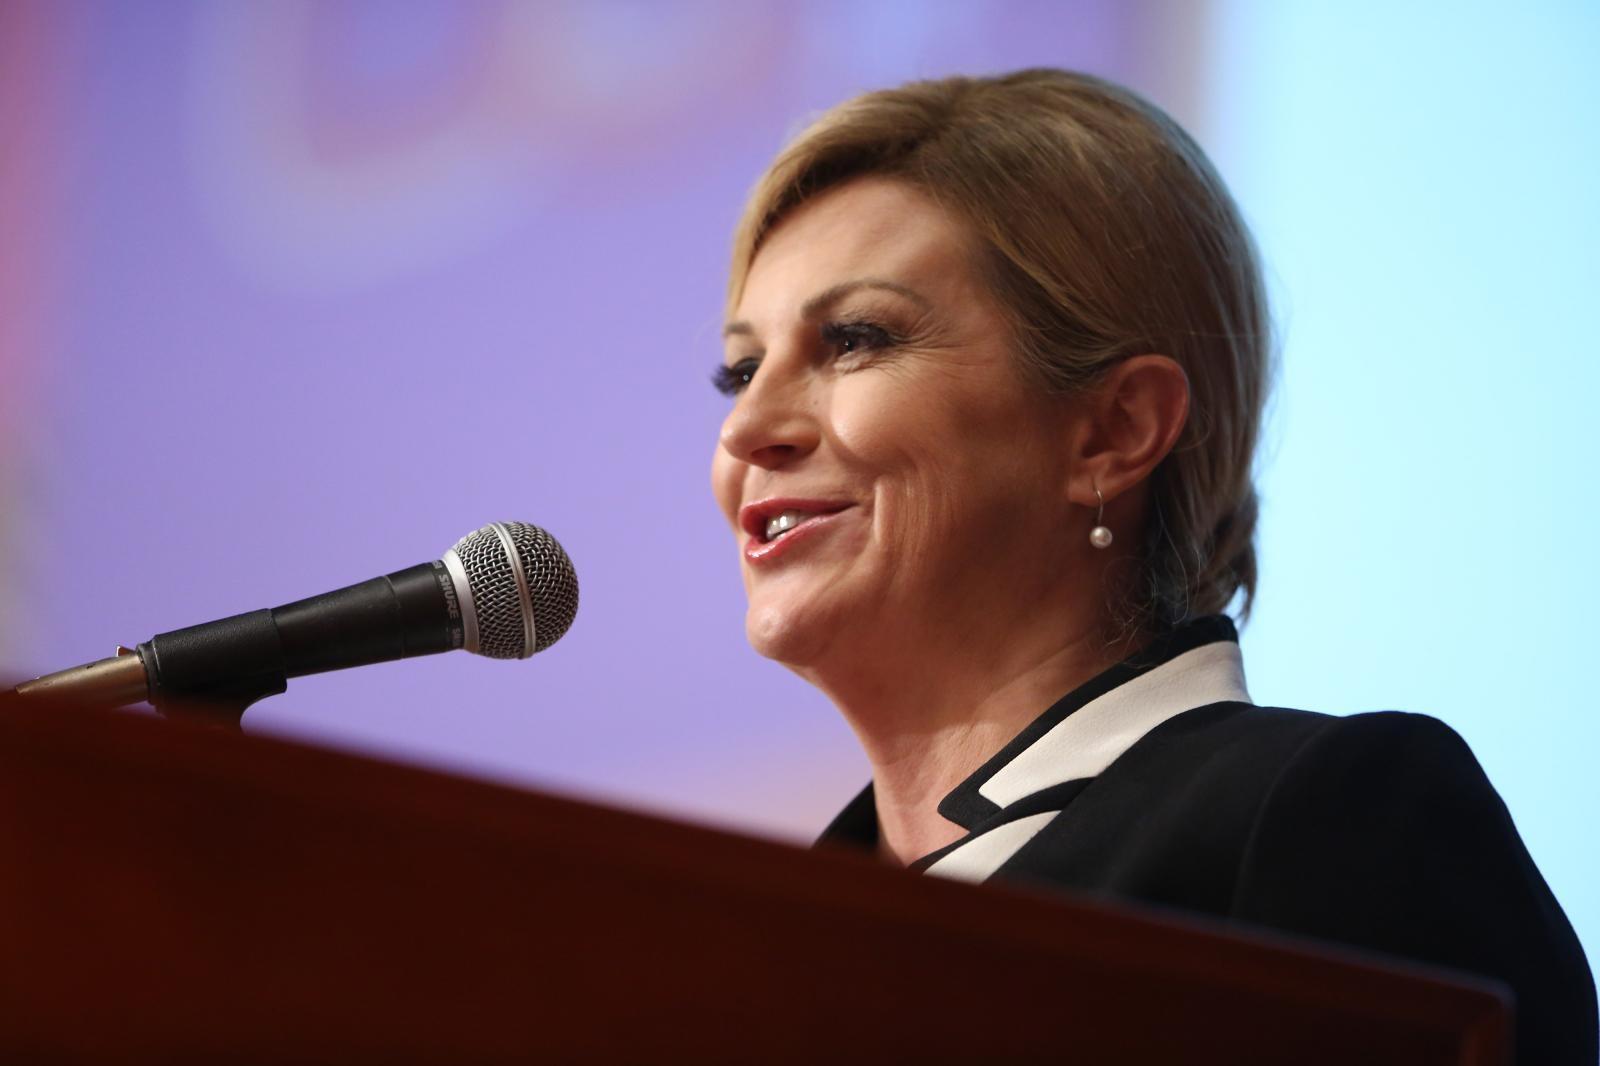 Predsjednica otputovala u Berlin na kongres Sueddeutsche Zeitunga